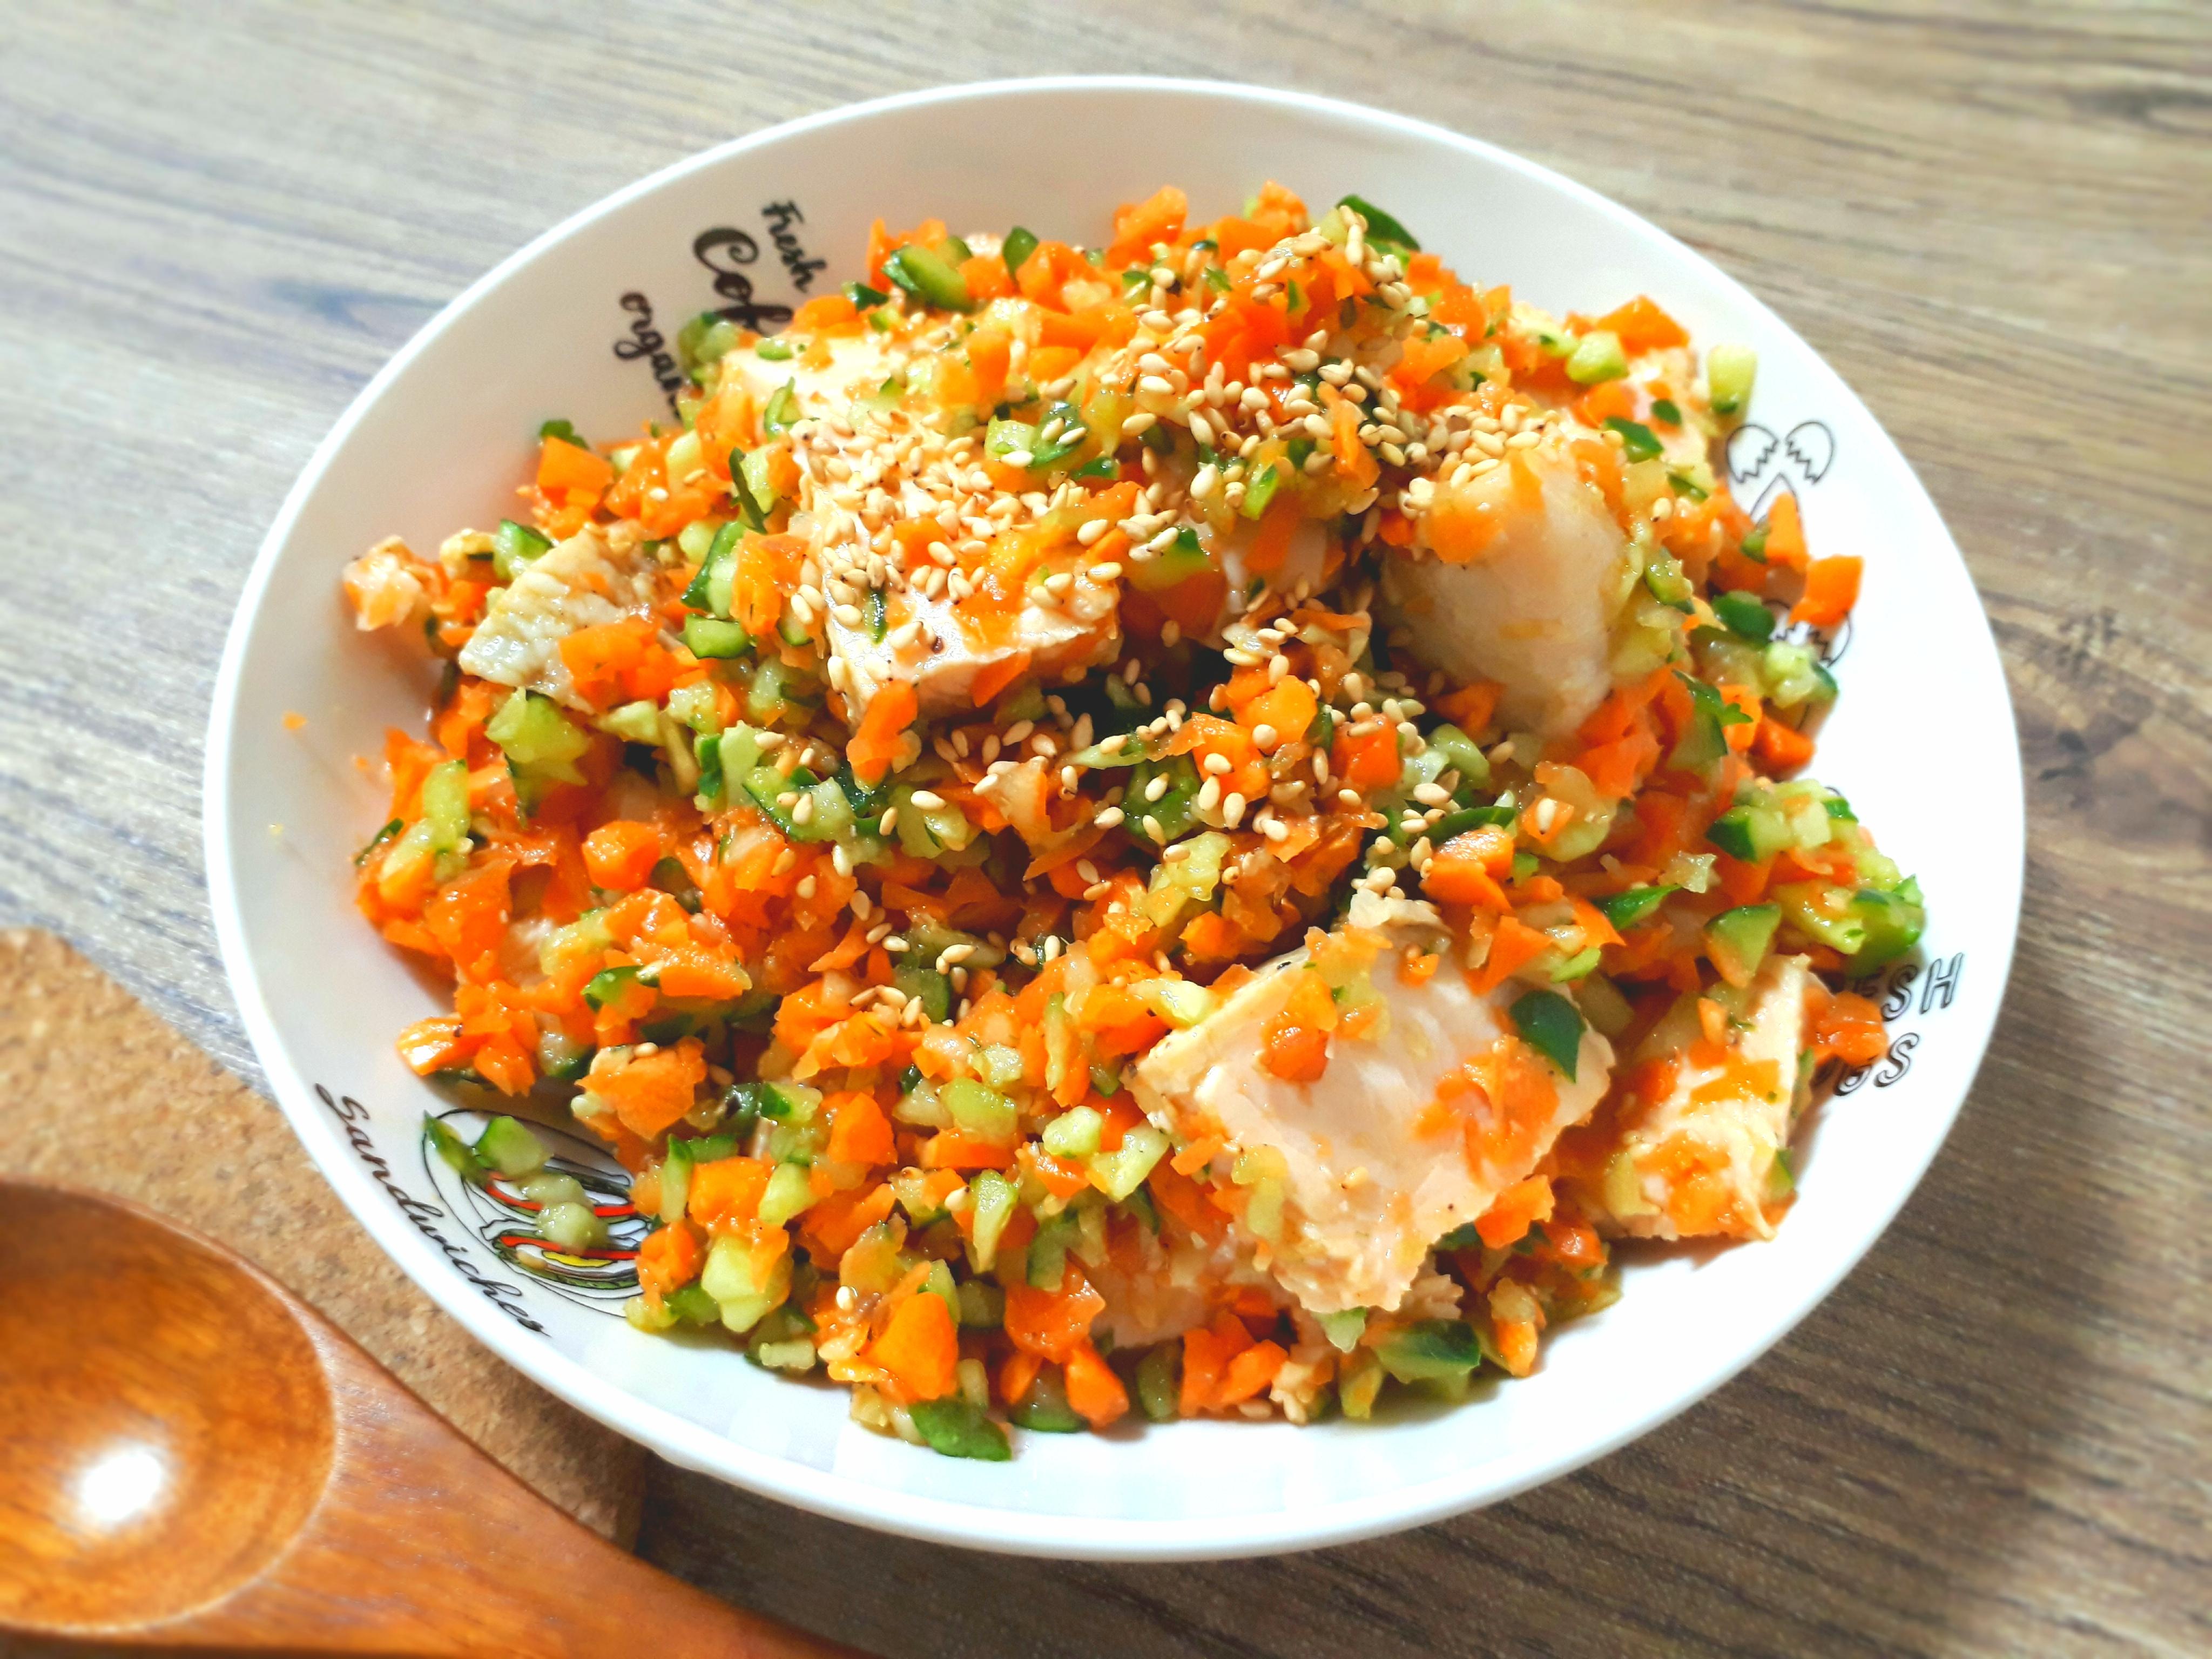 生姜ベースの中華風チョップドサラダ